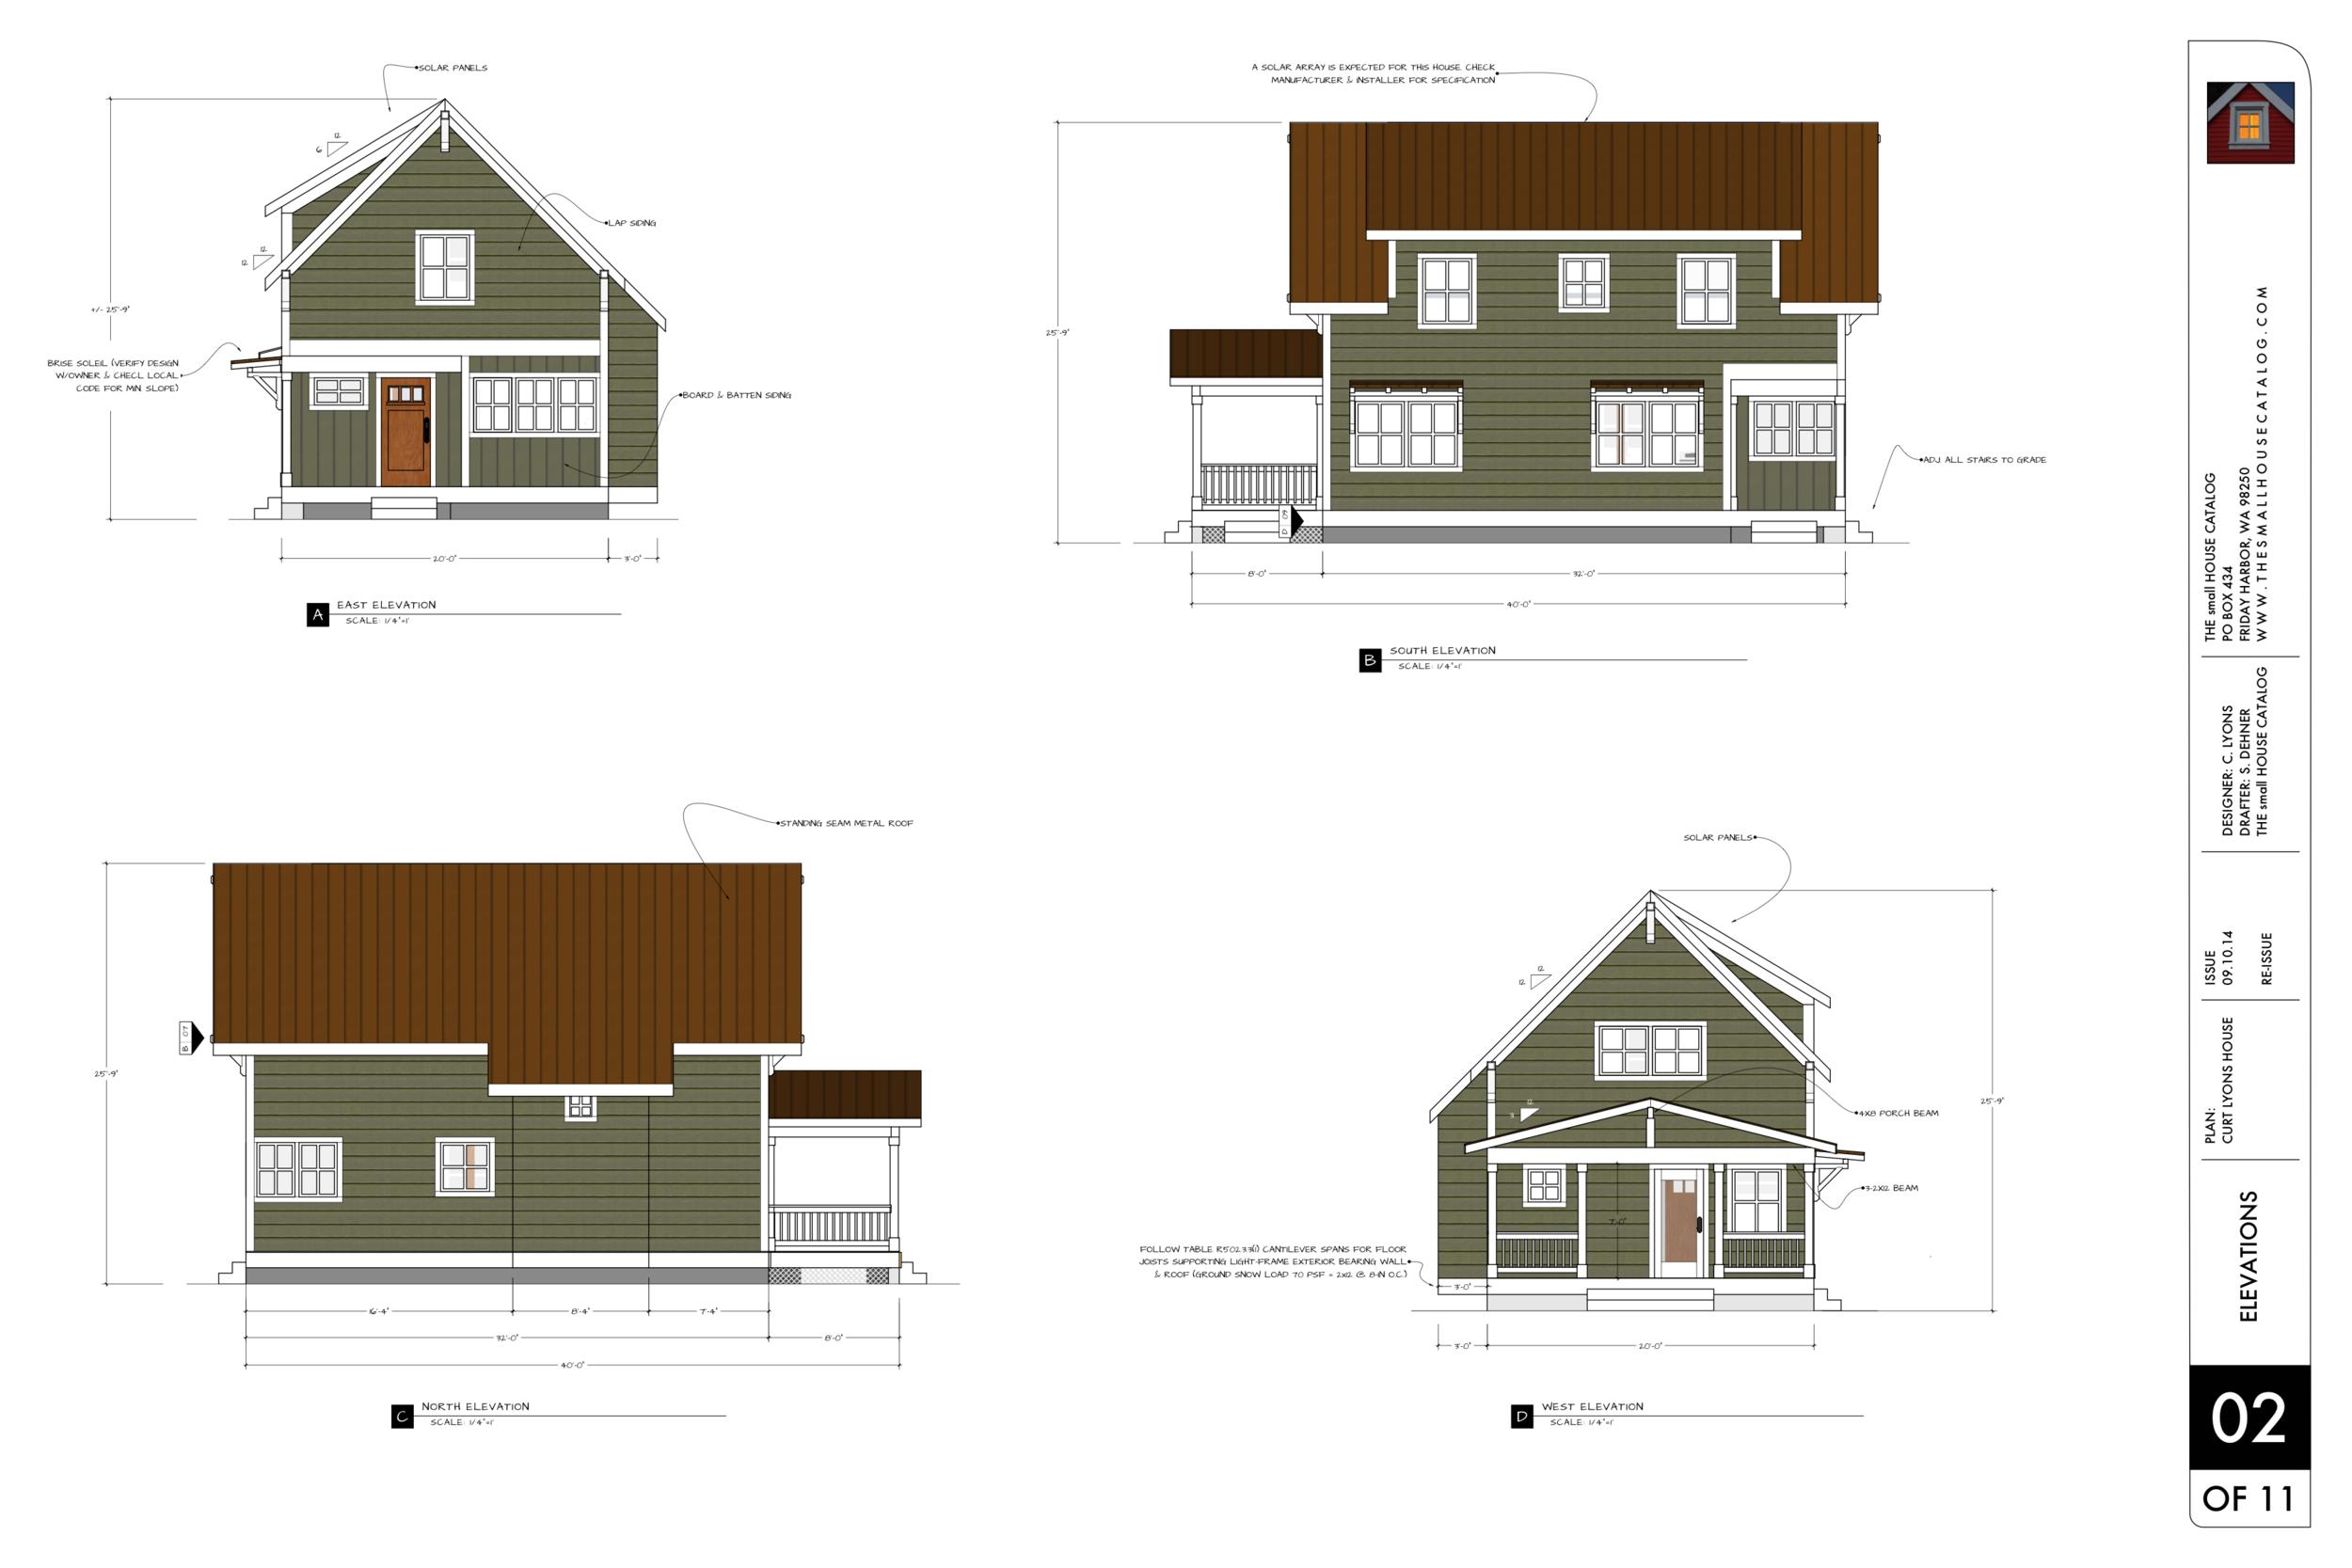 cottonwood cottage 2 story